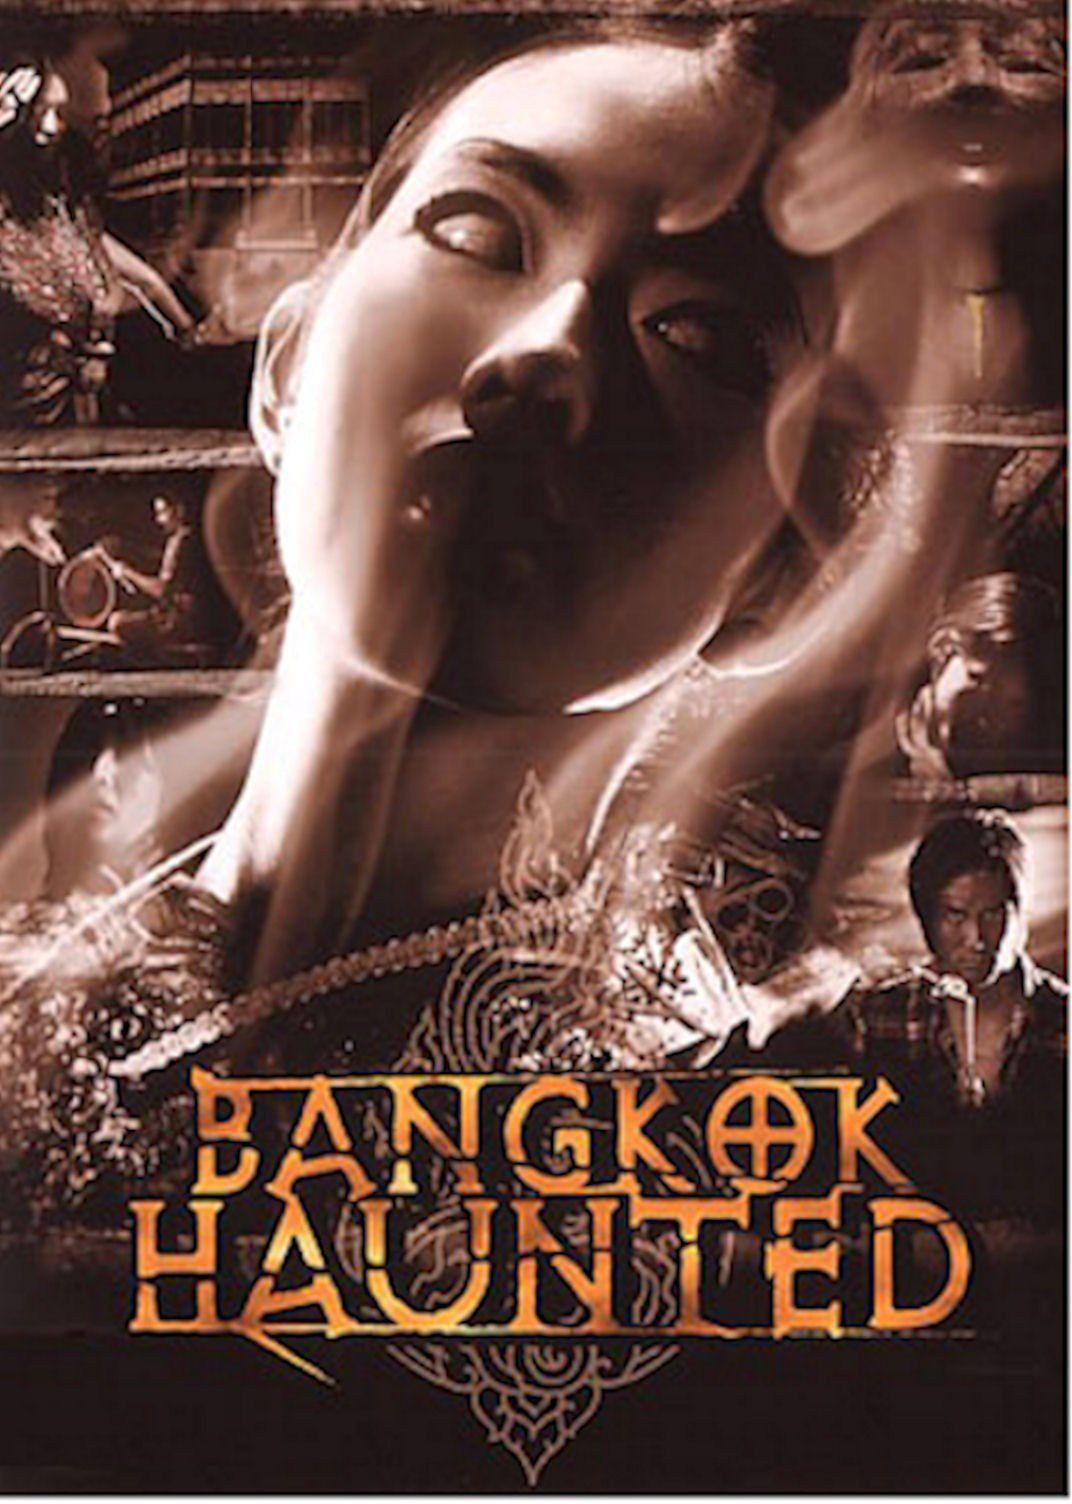 4 phim kinh dị Thái hấp dẫn cho mùa Halloween năm 2017 (6)